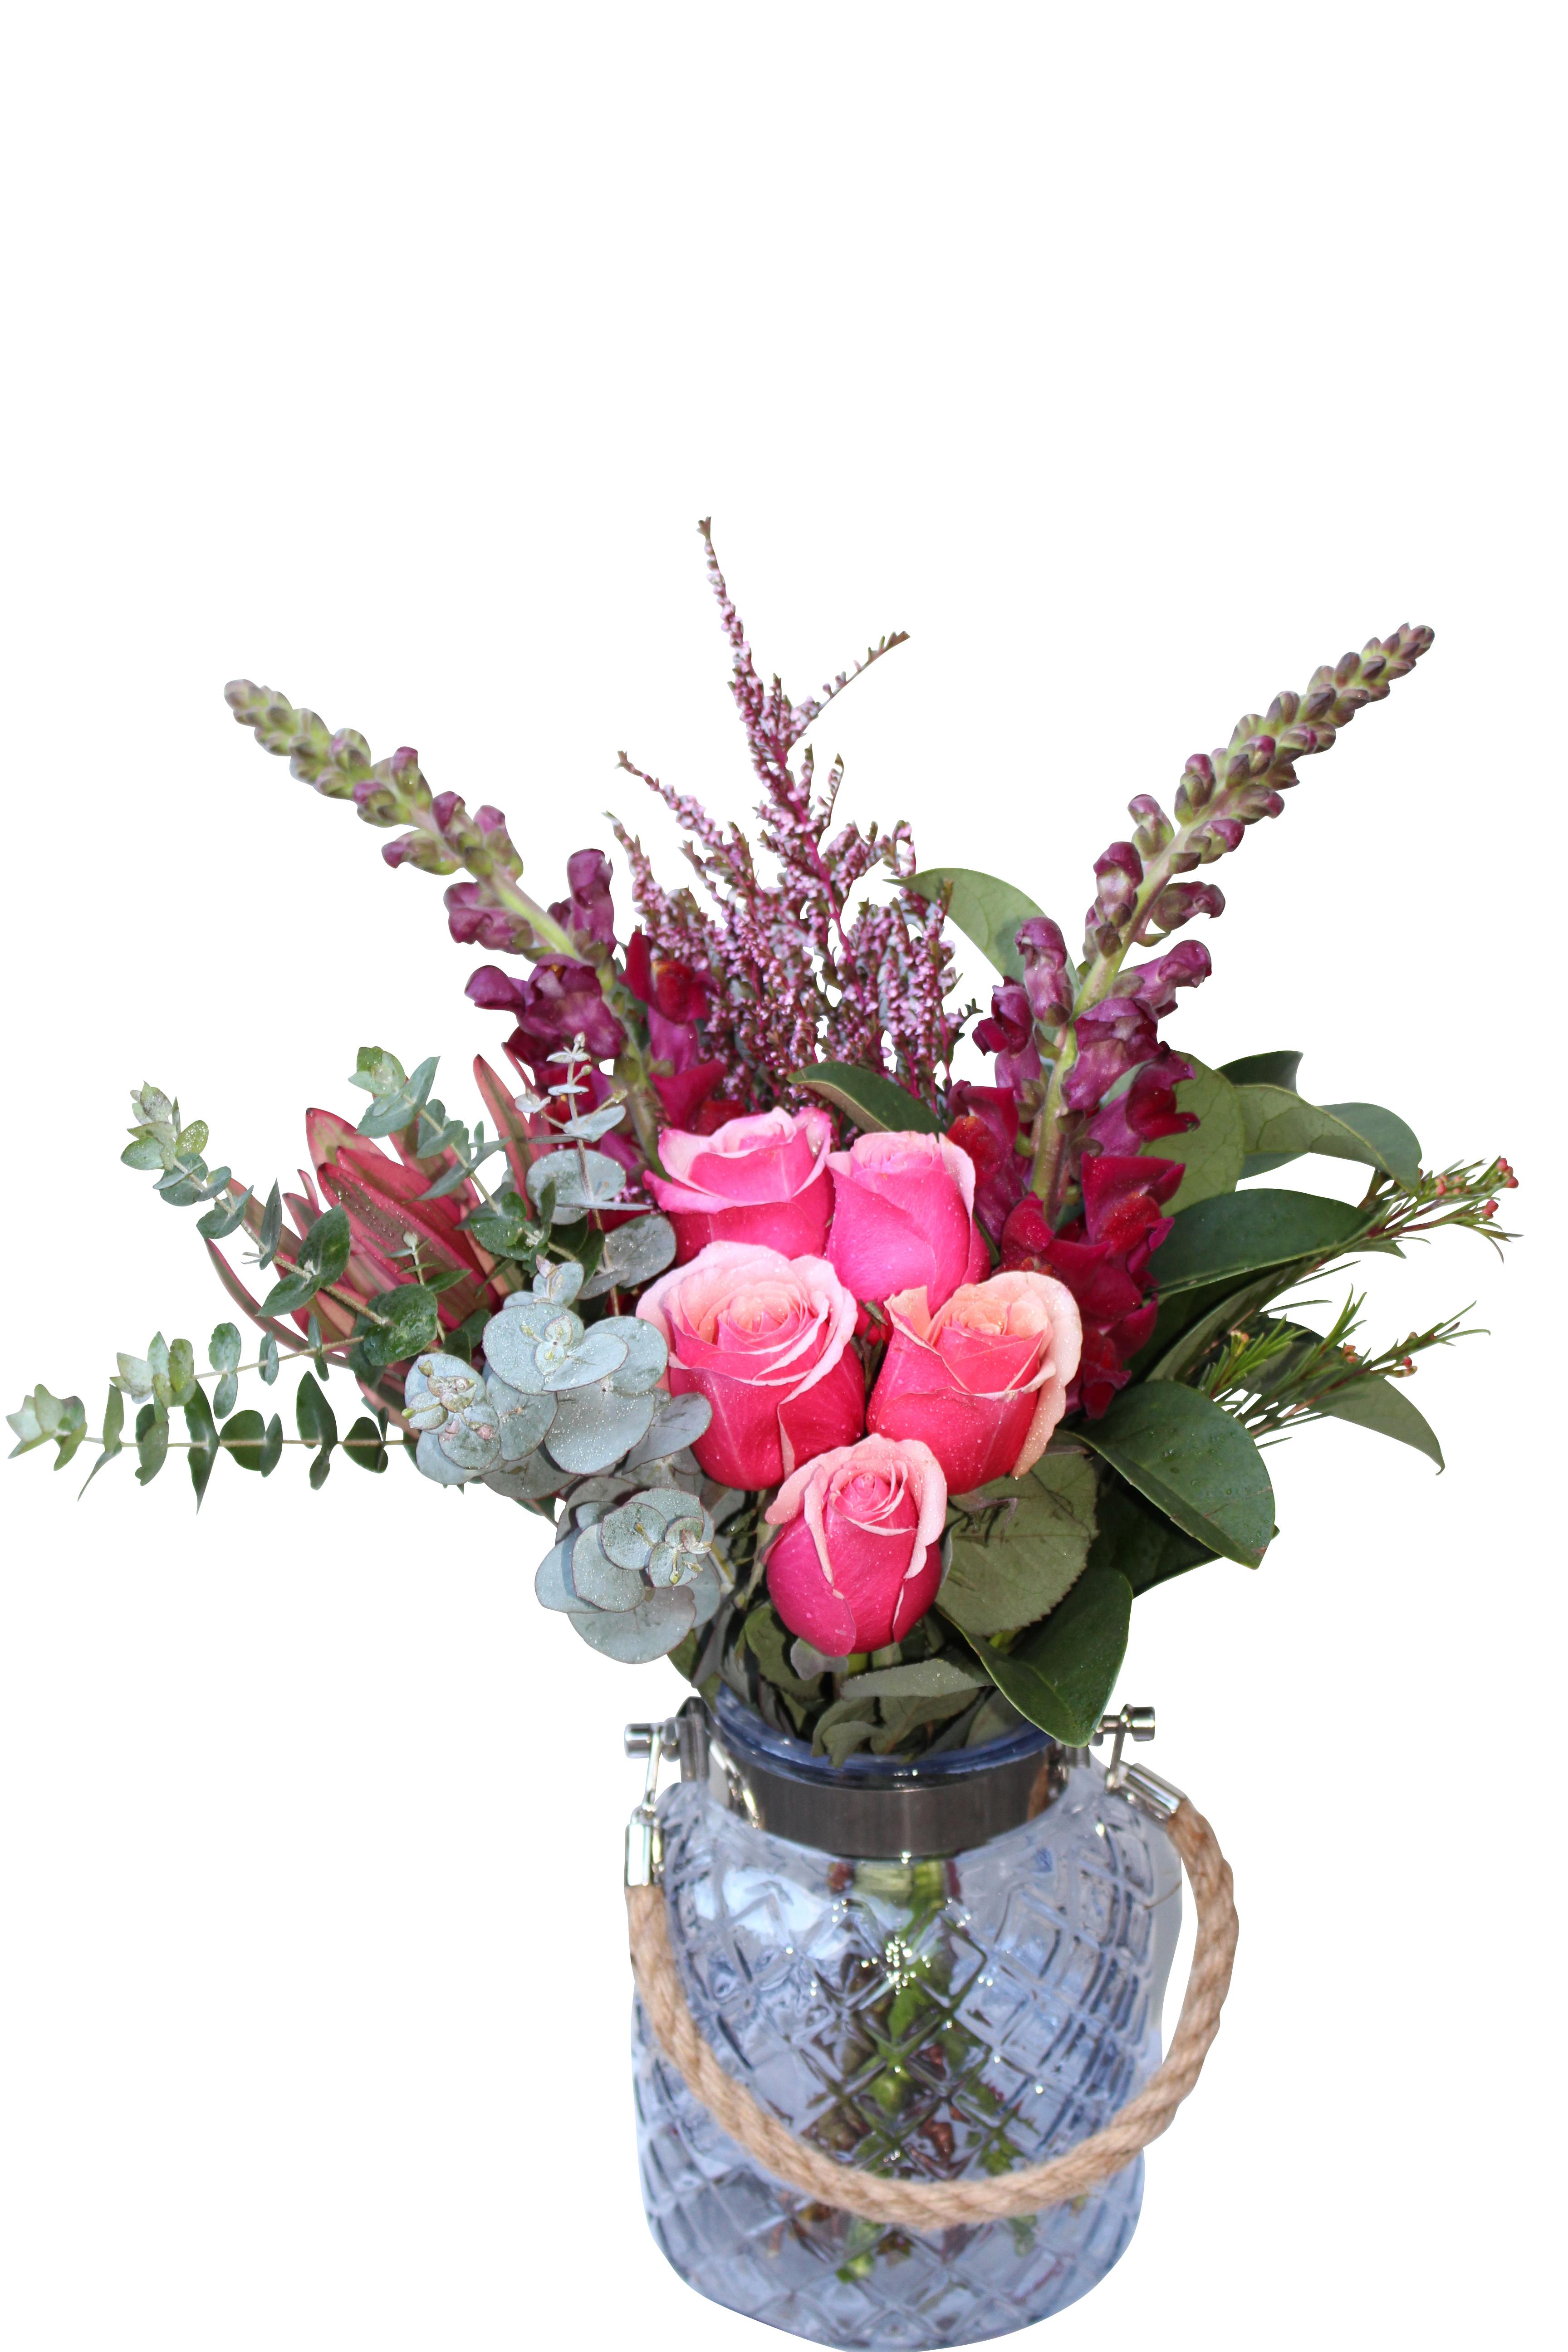 Mother's Day Kensington Posy in Vase